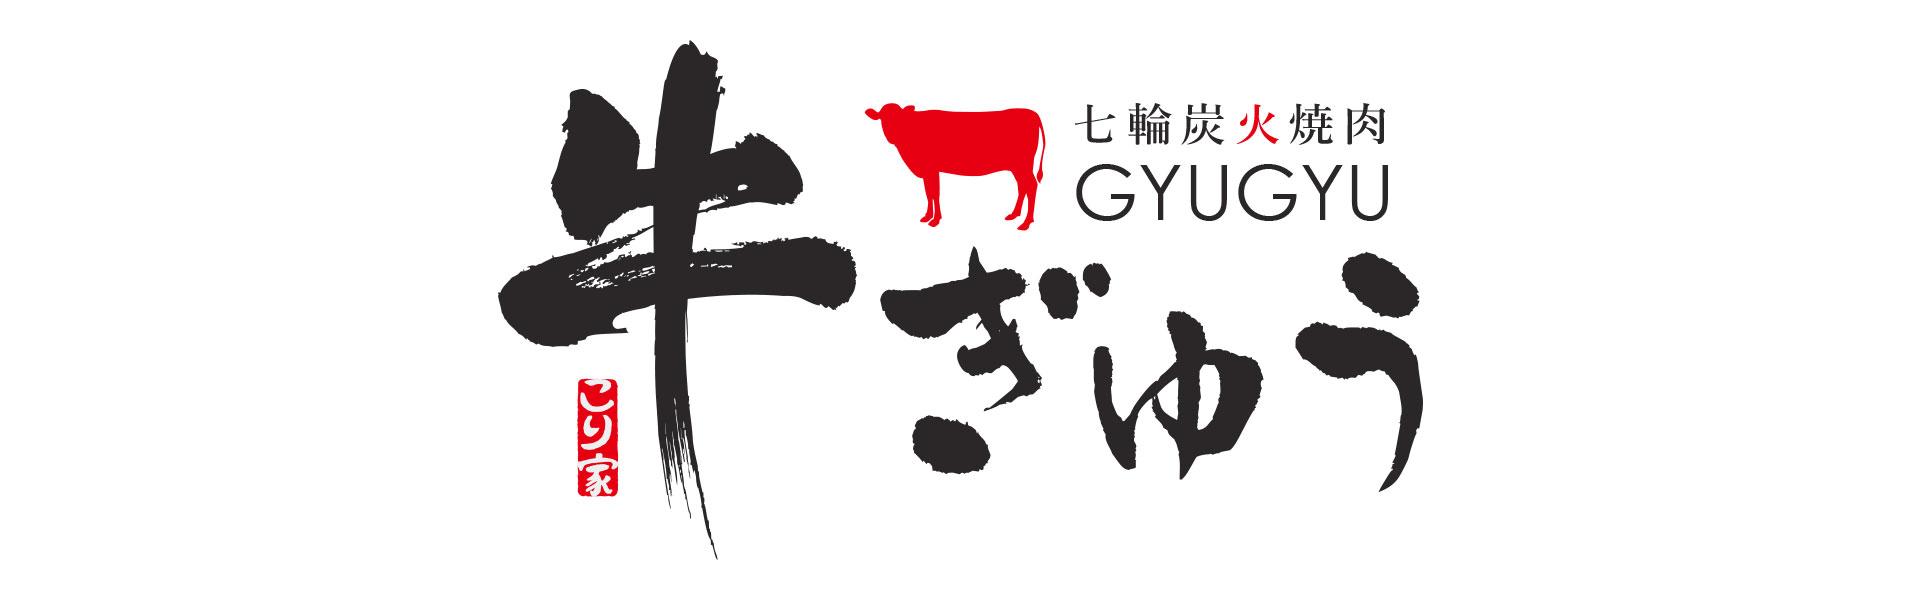 七輪炭火焼肉 牛ぎゅう ロゴデザイン